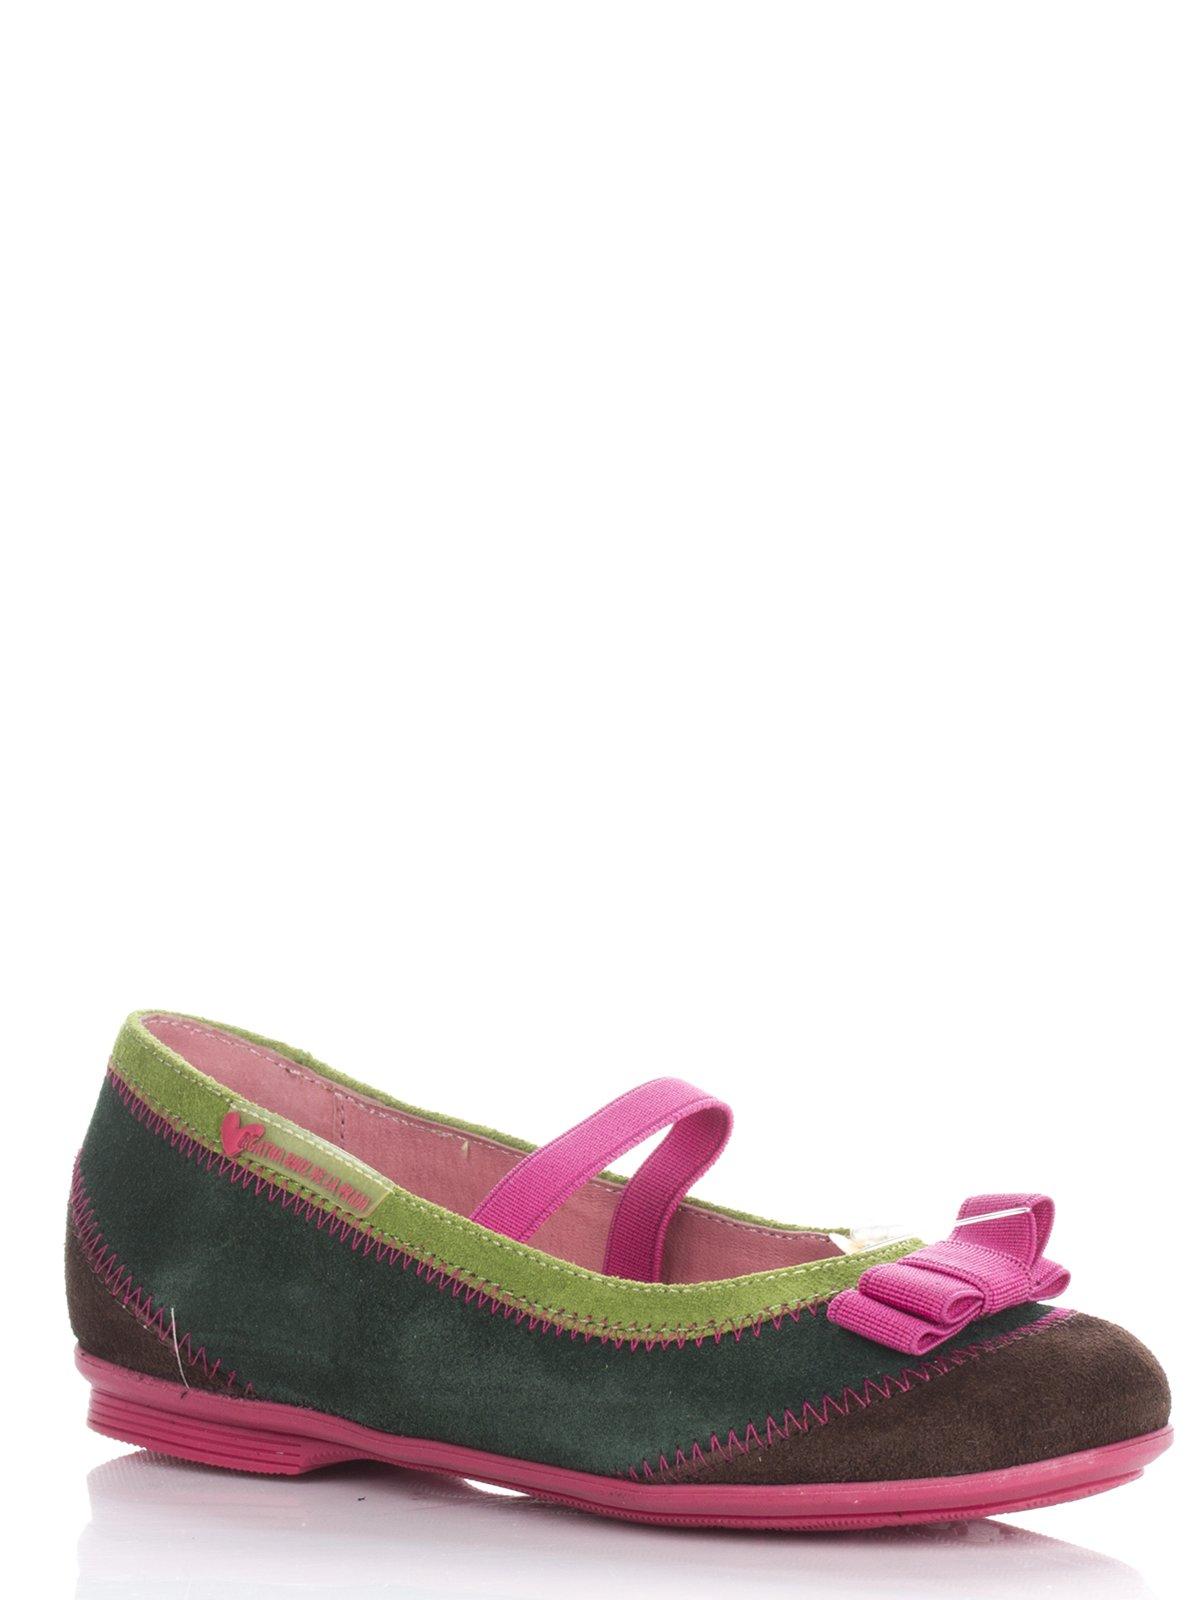 Туфли разноцветные с бантиком | 677930